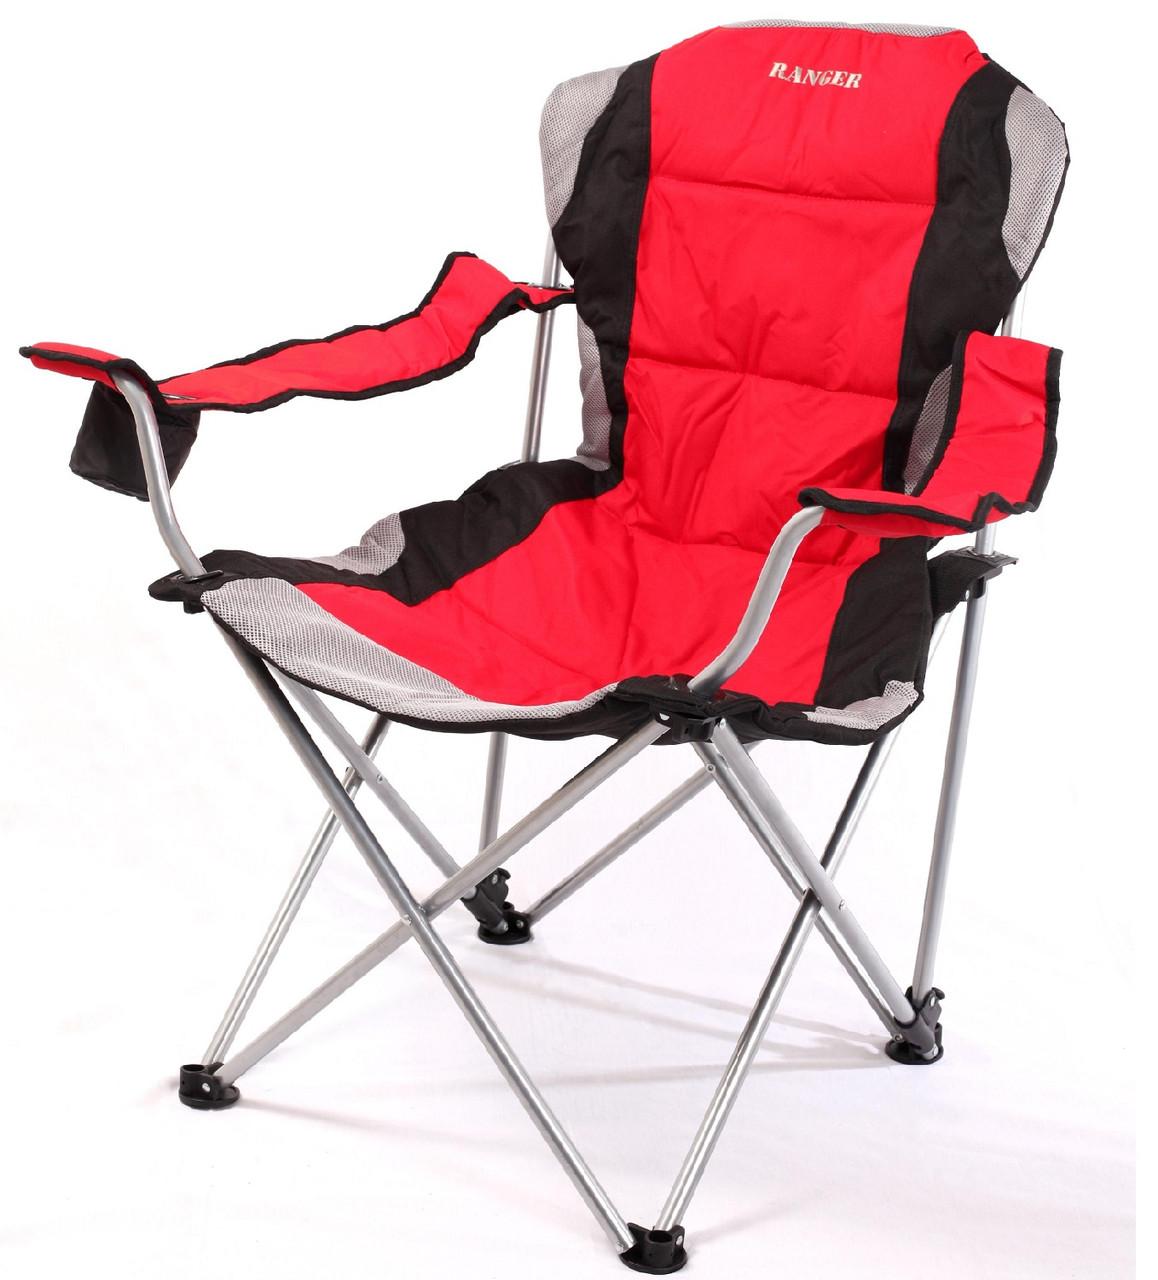 Кресло — шезлонг складное для дачи природы пикника Ranger FC 750-052 до 140 кг нагрузки красно/черное